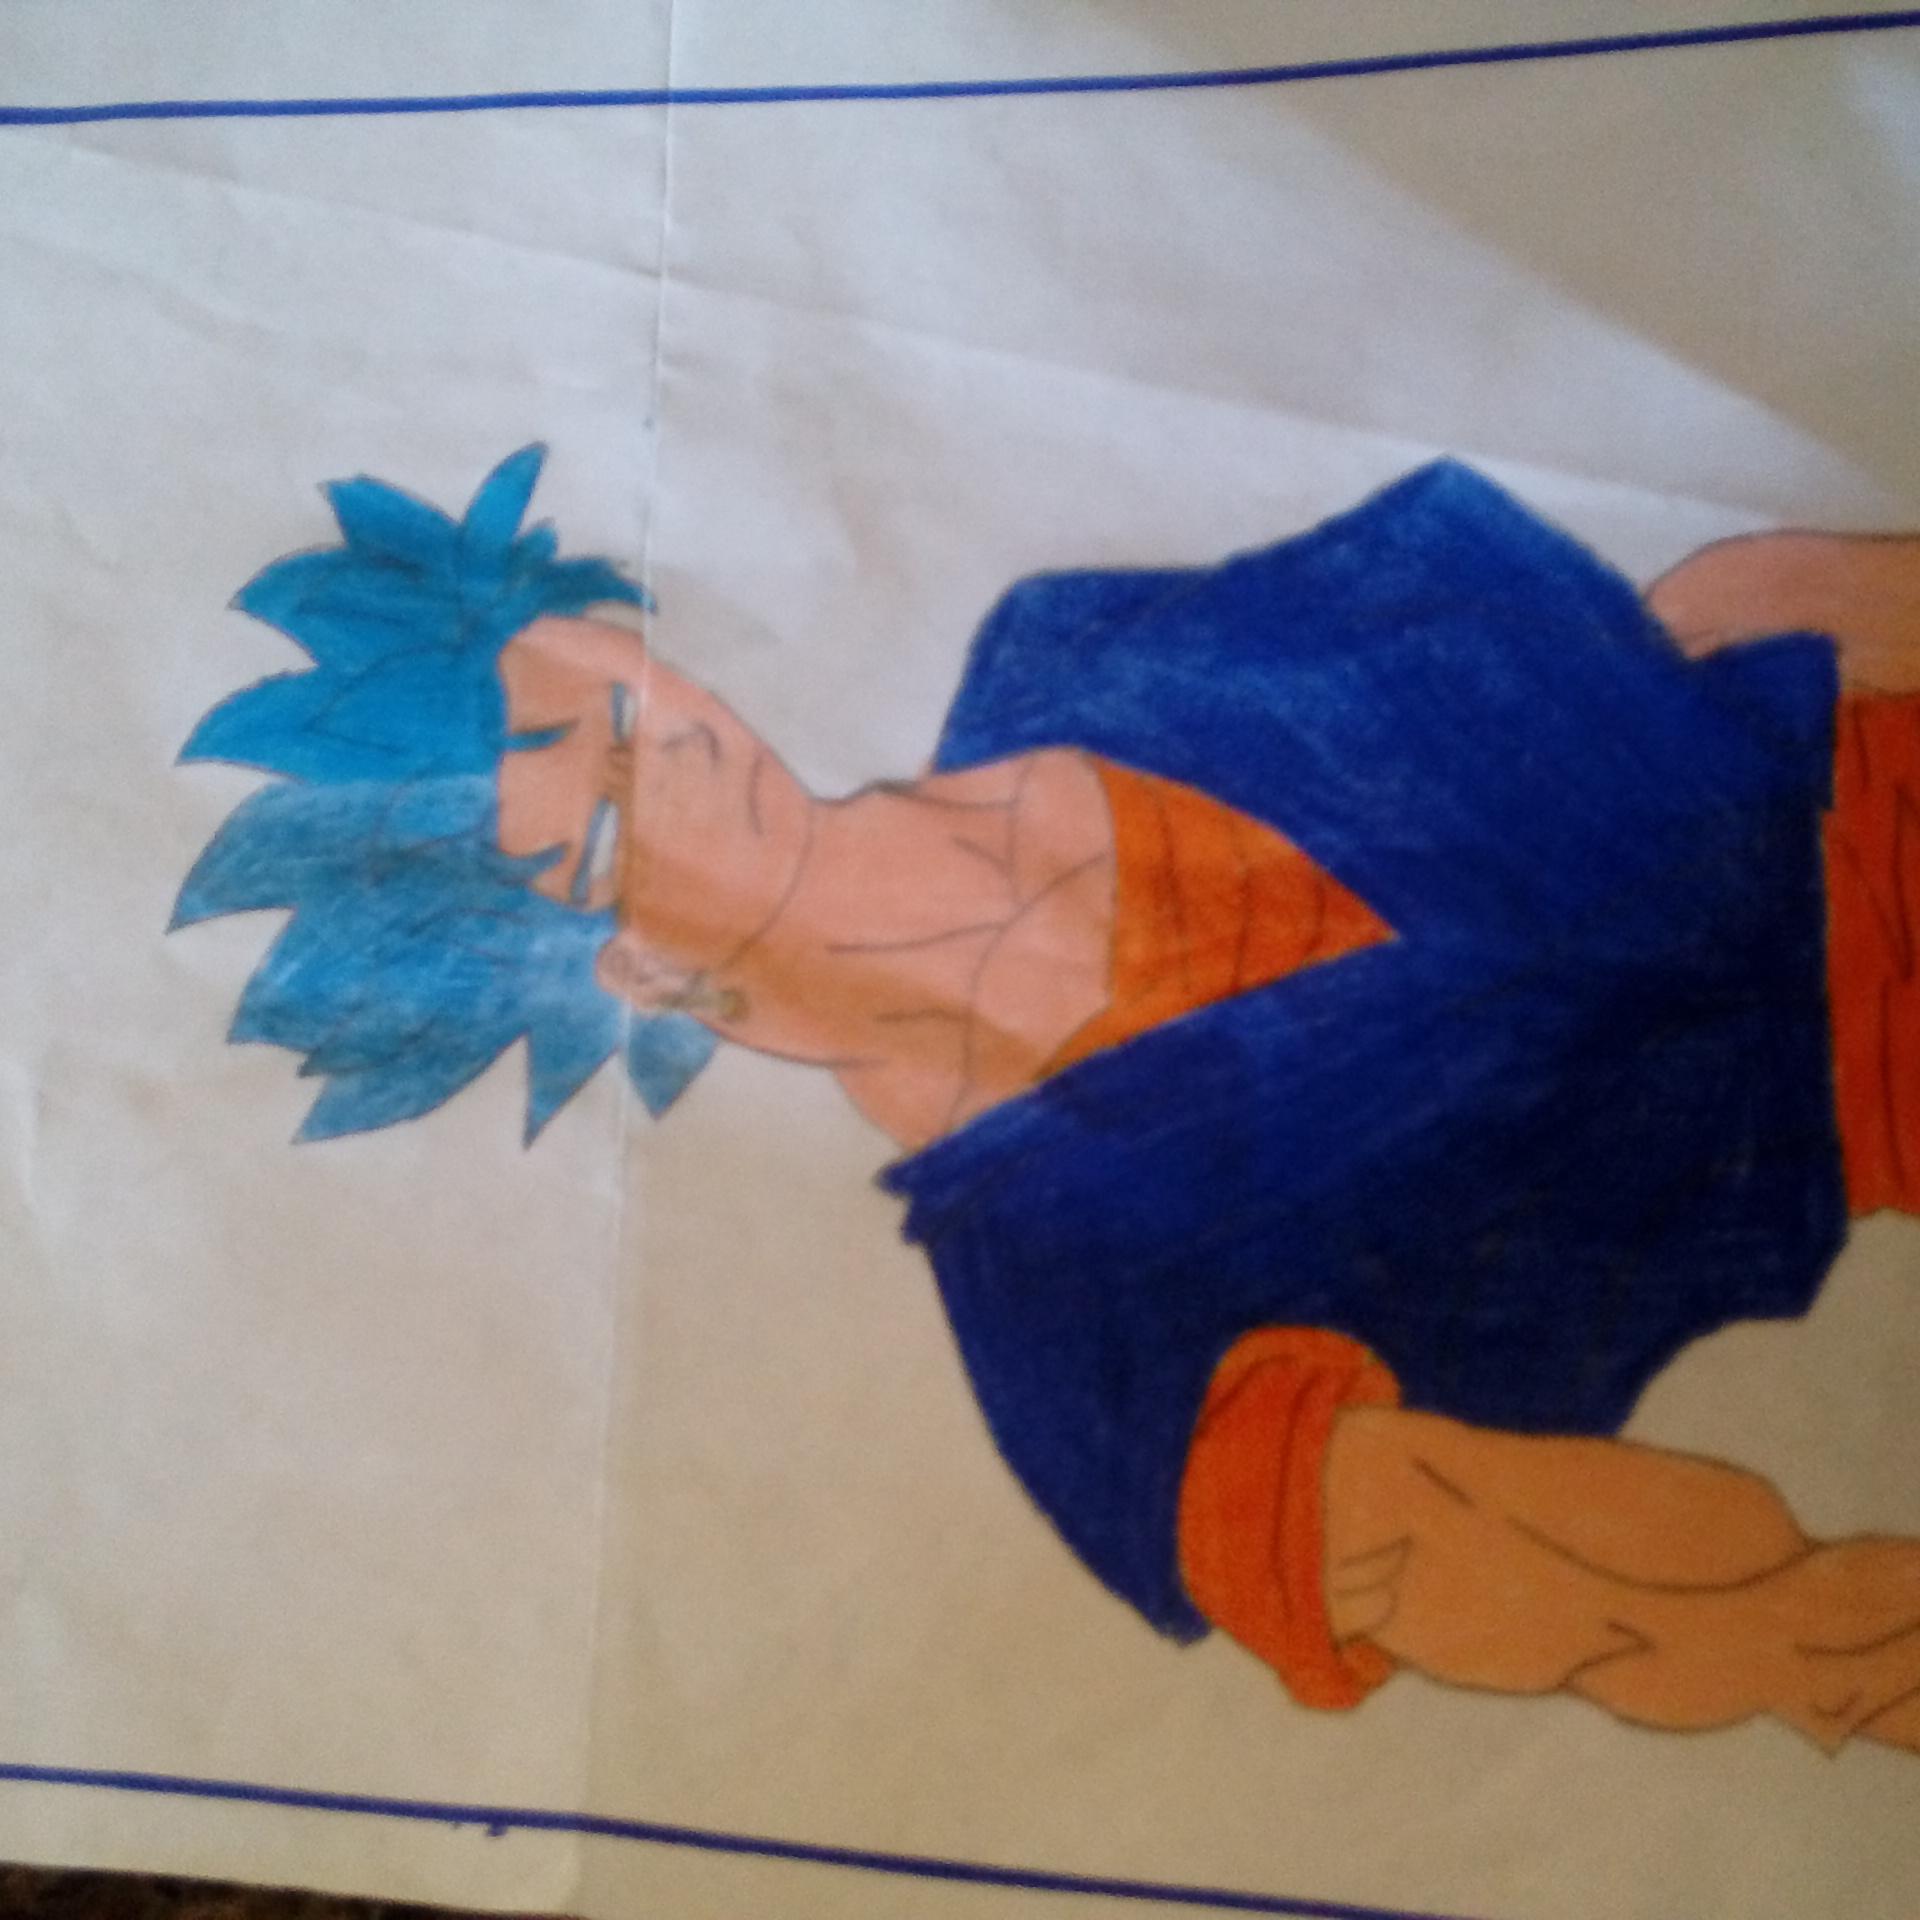 O meu desenho ficou legal?